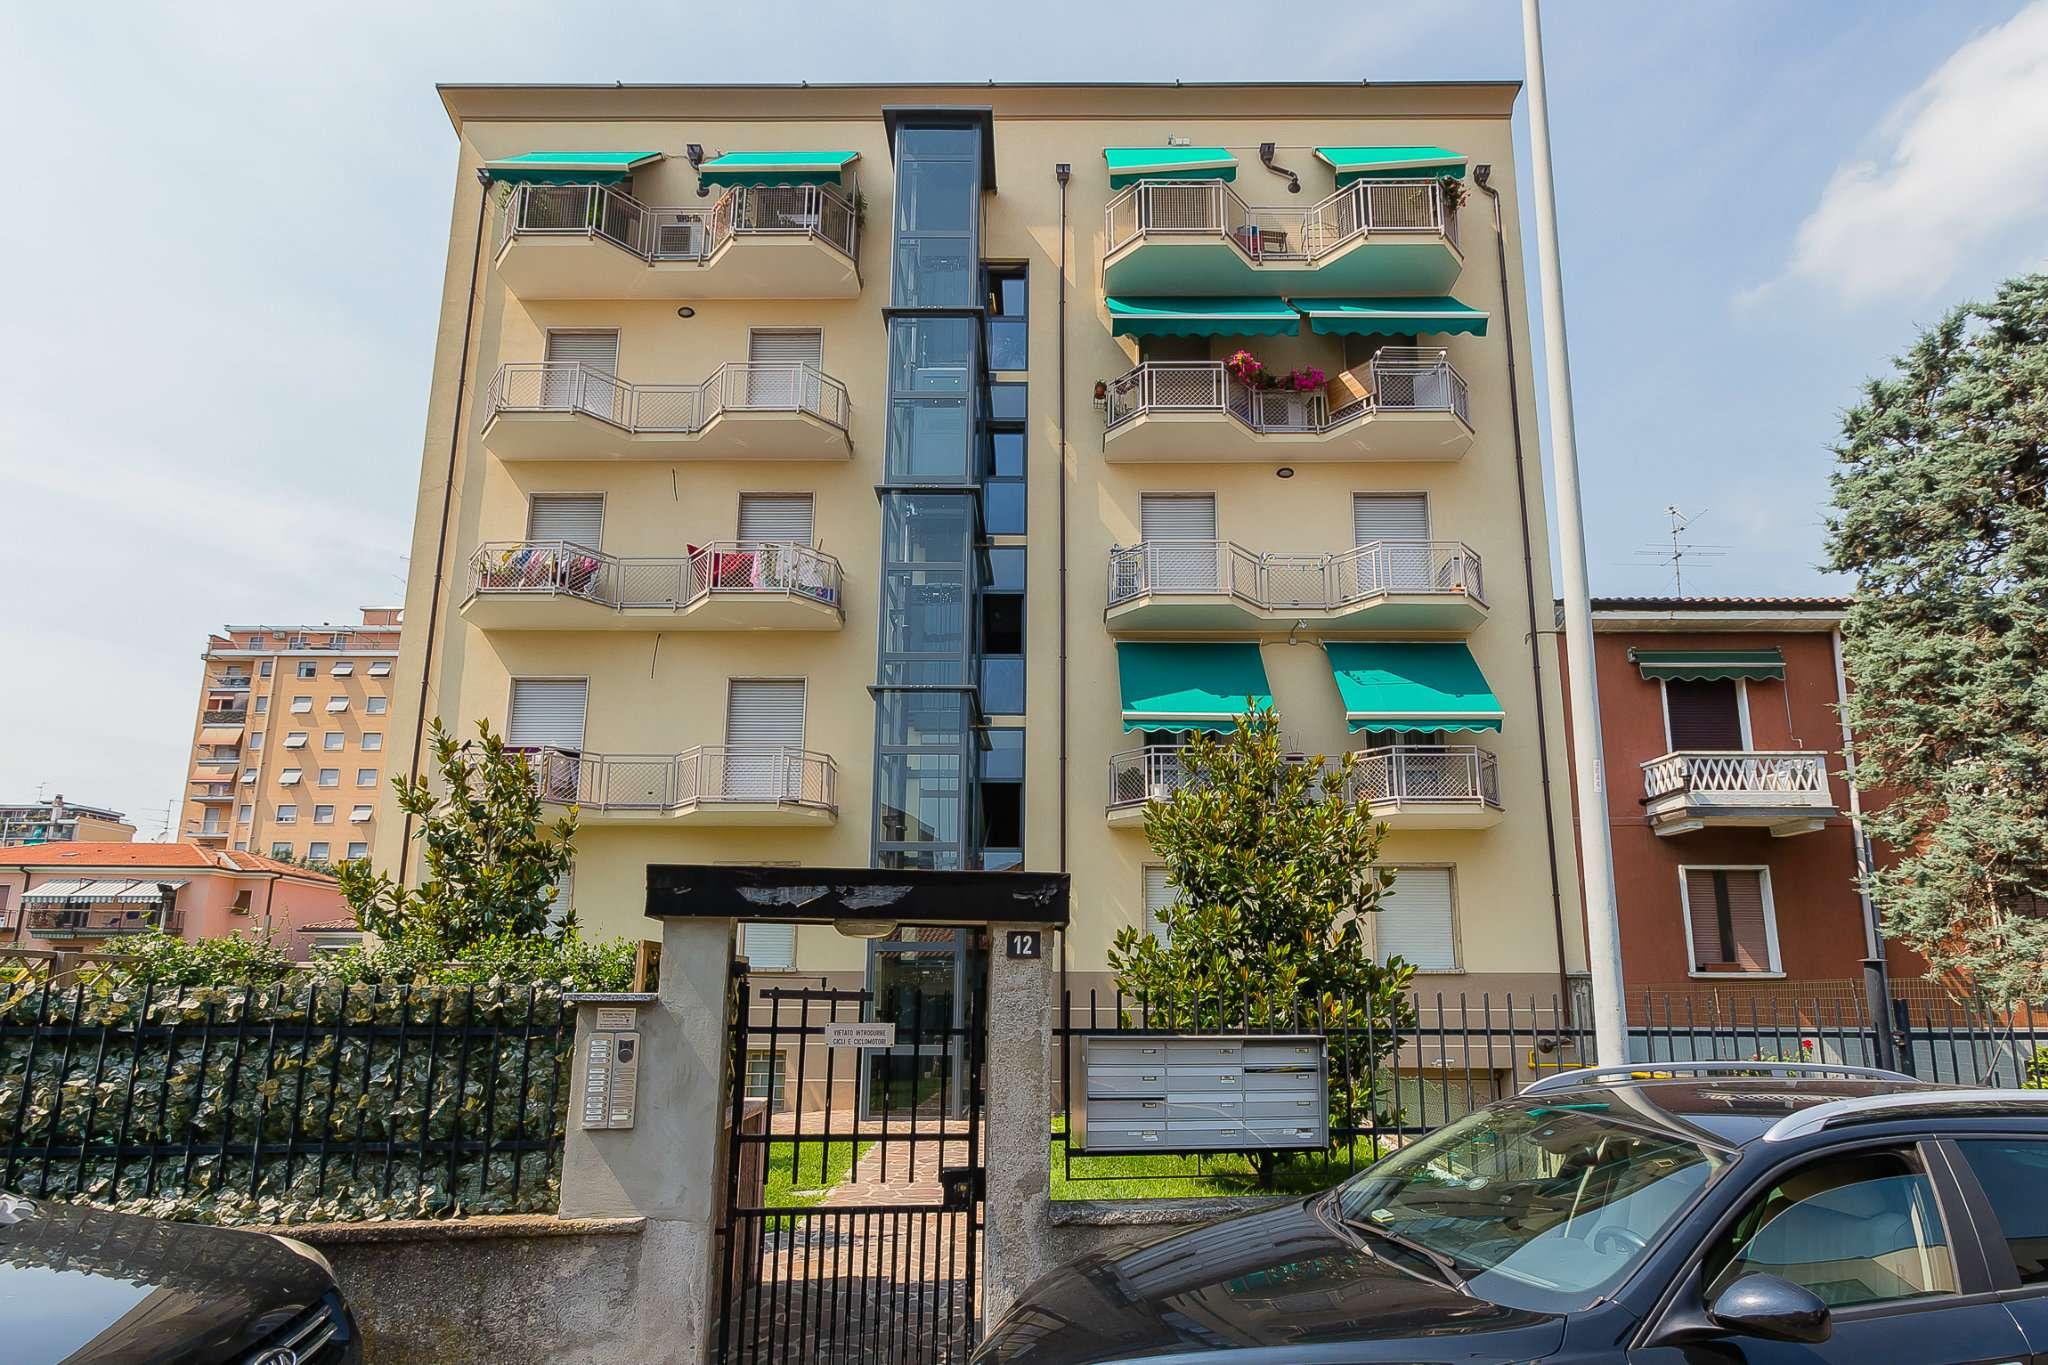 Appartamenti in affitto a cinisello balsamo for Appartamenti arredati in affitto a cinisello balsamo